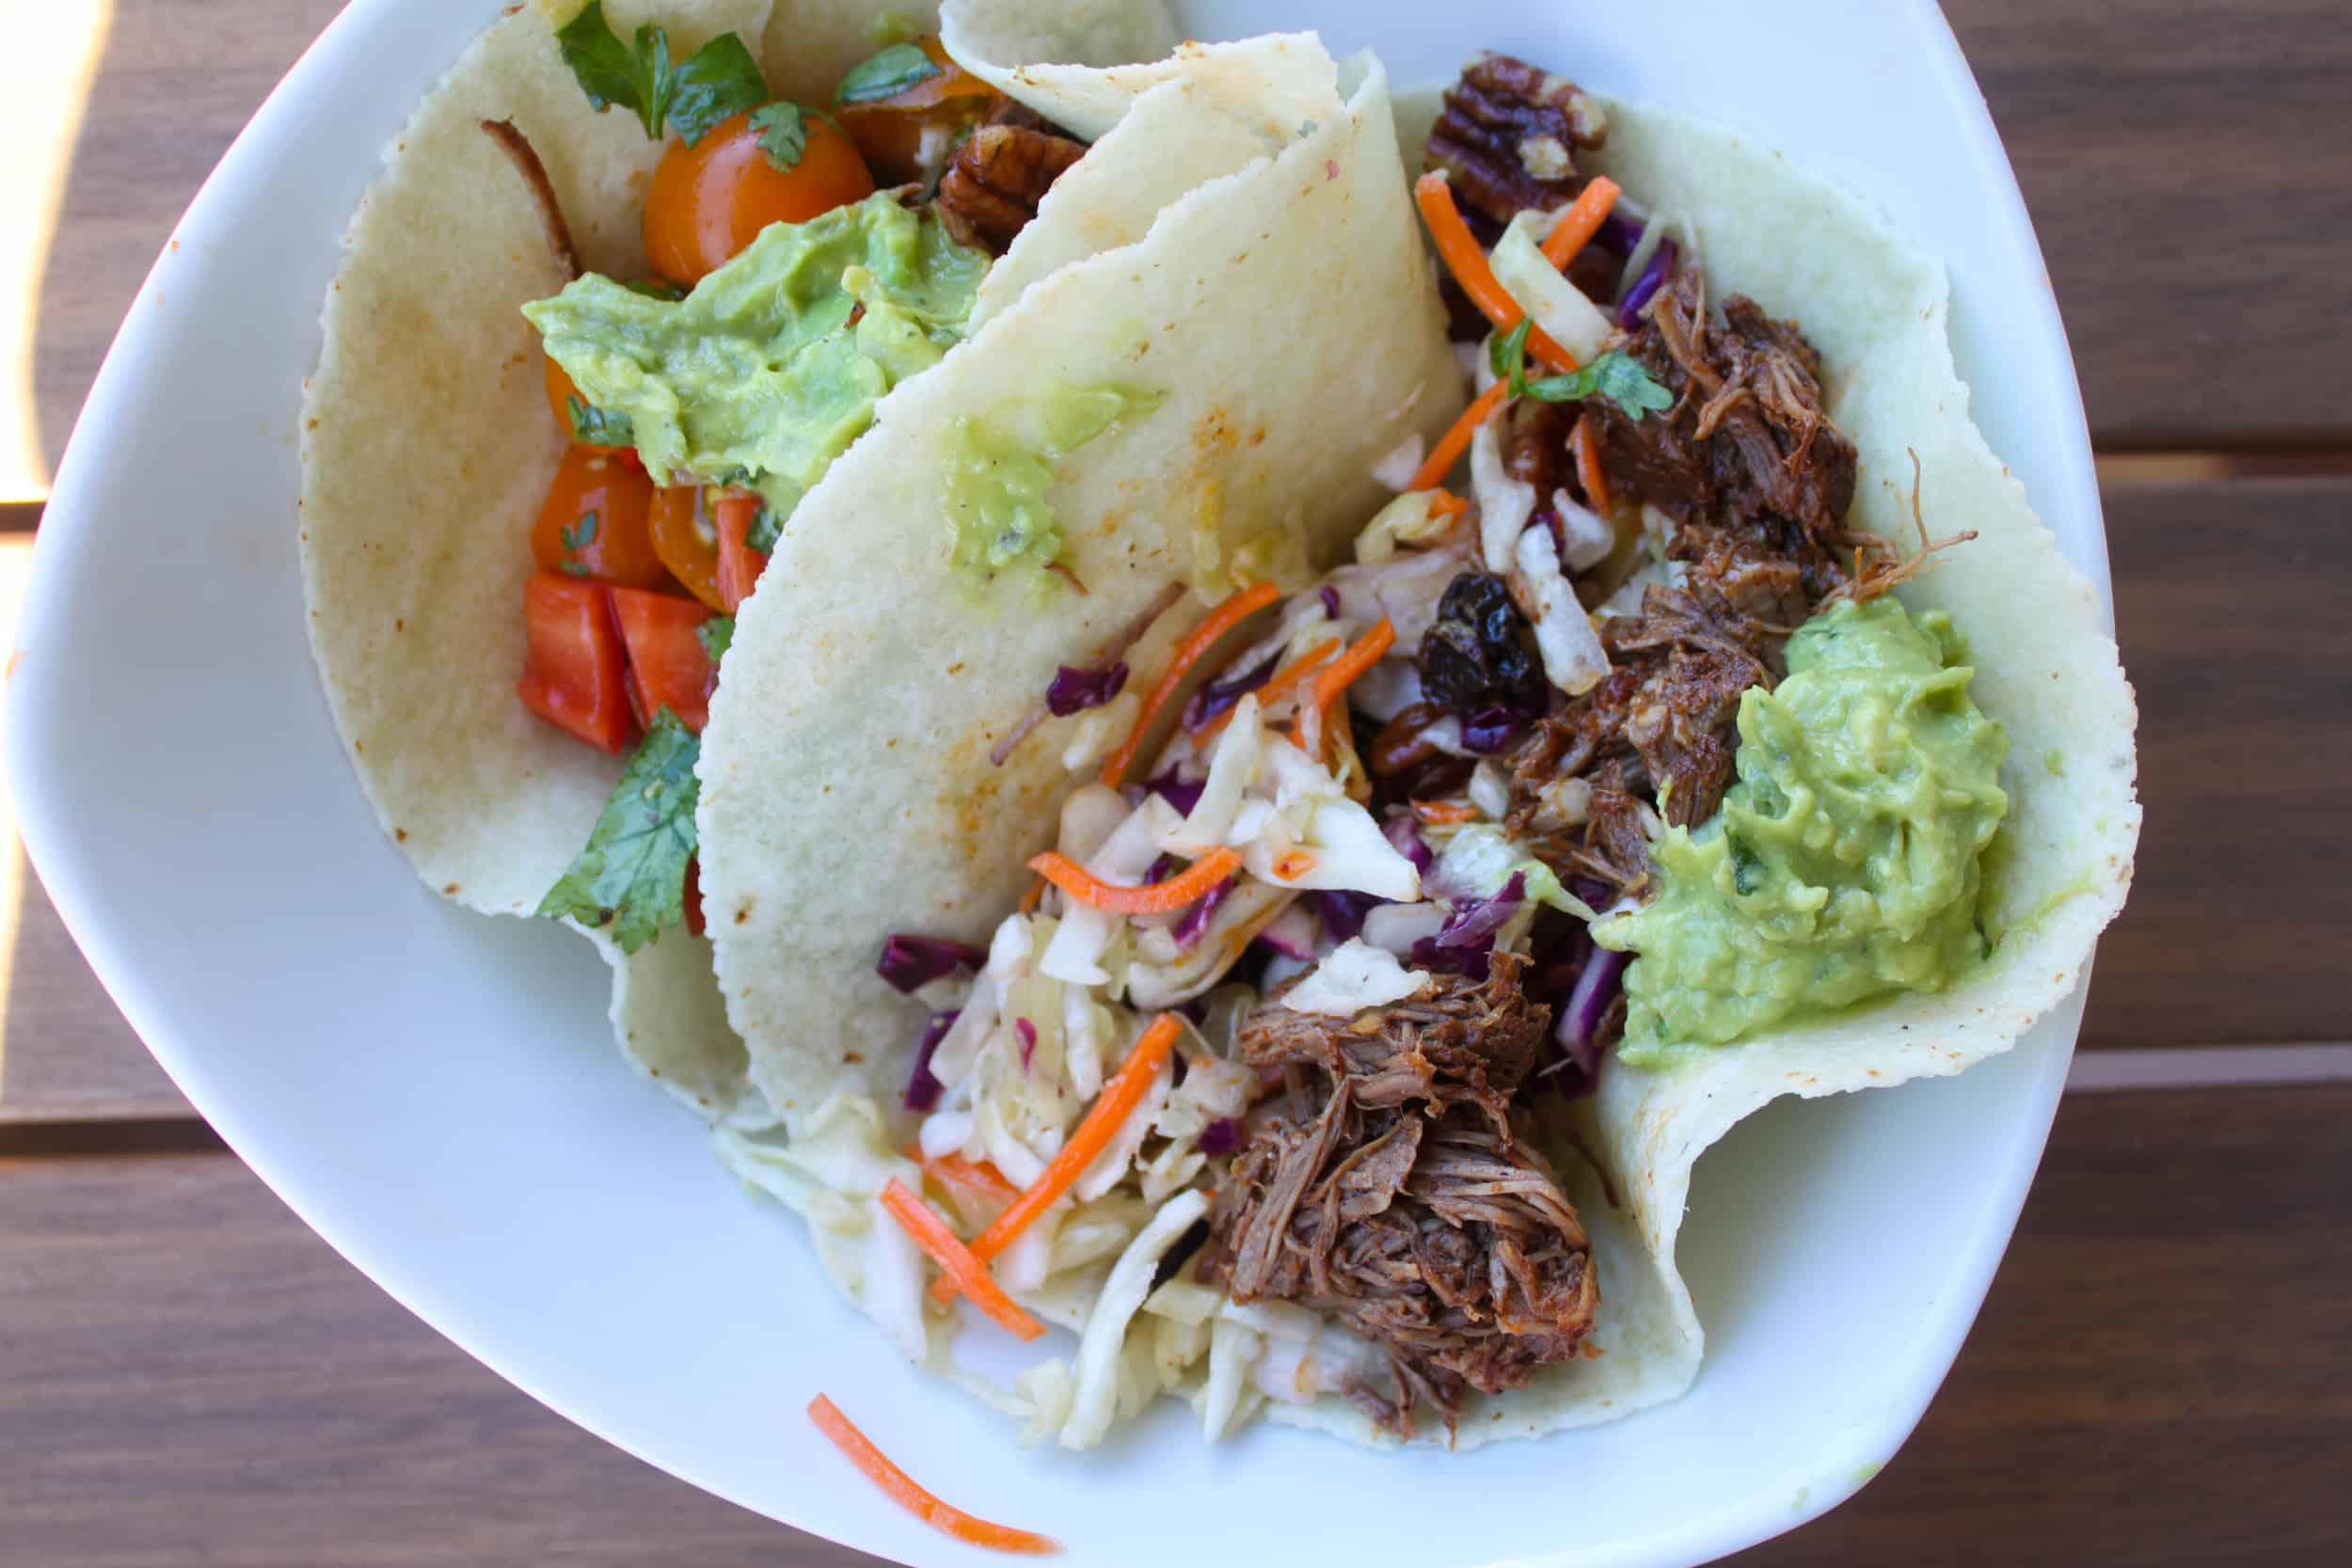 barbacoa tacos 3 of 4